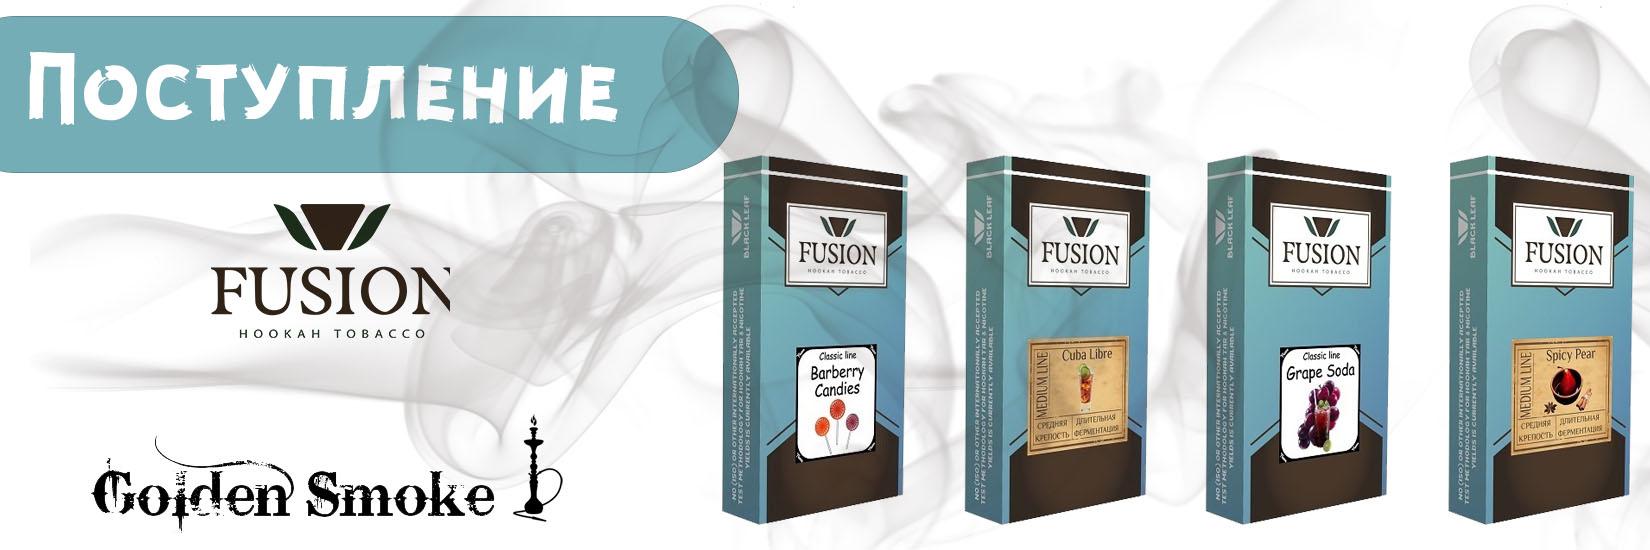 Купить табак для кальяна Fusion